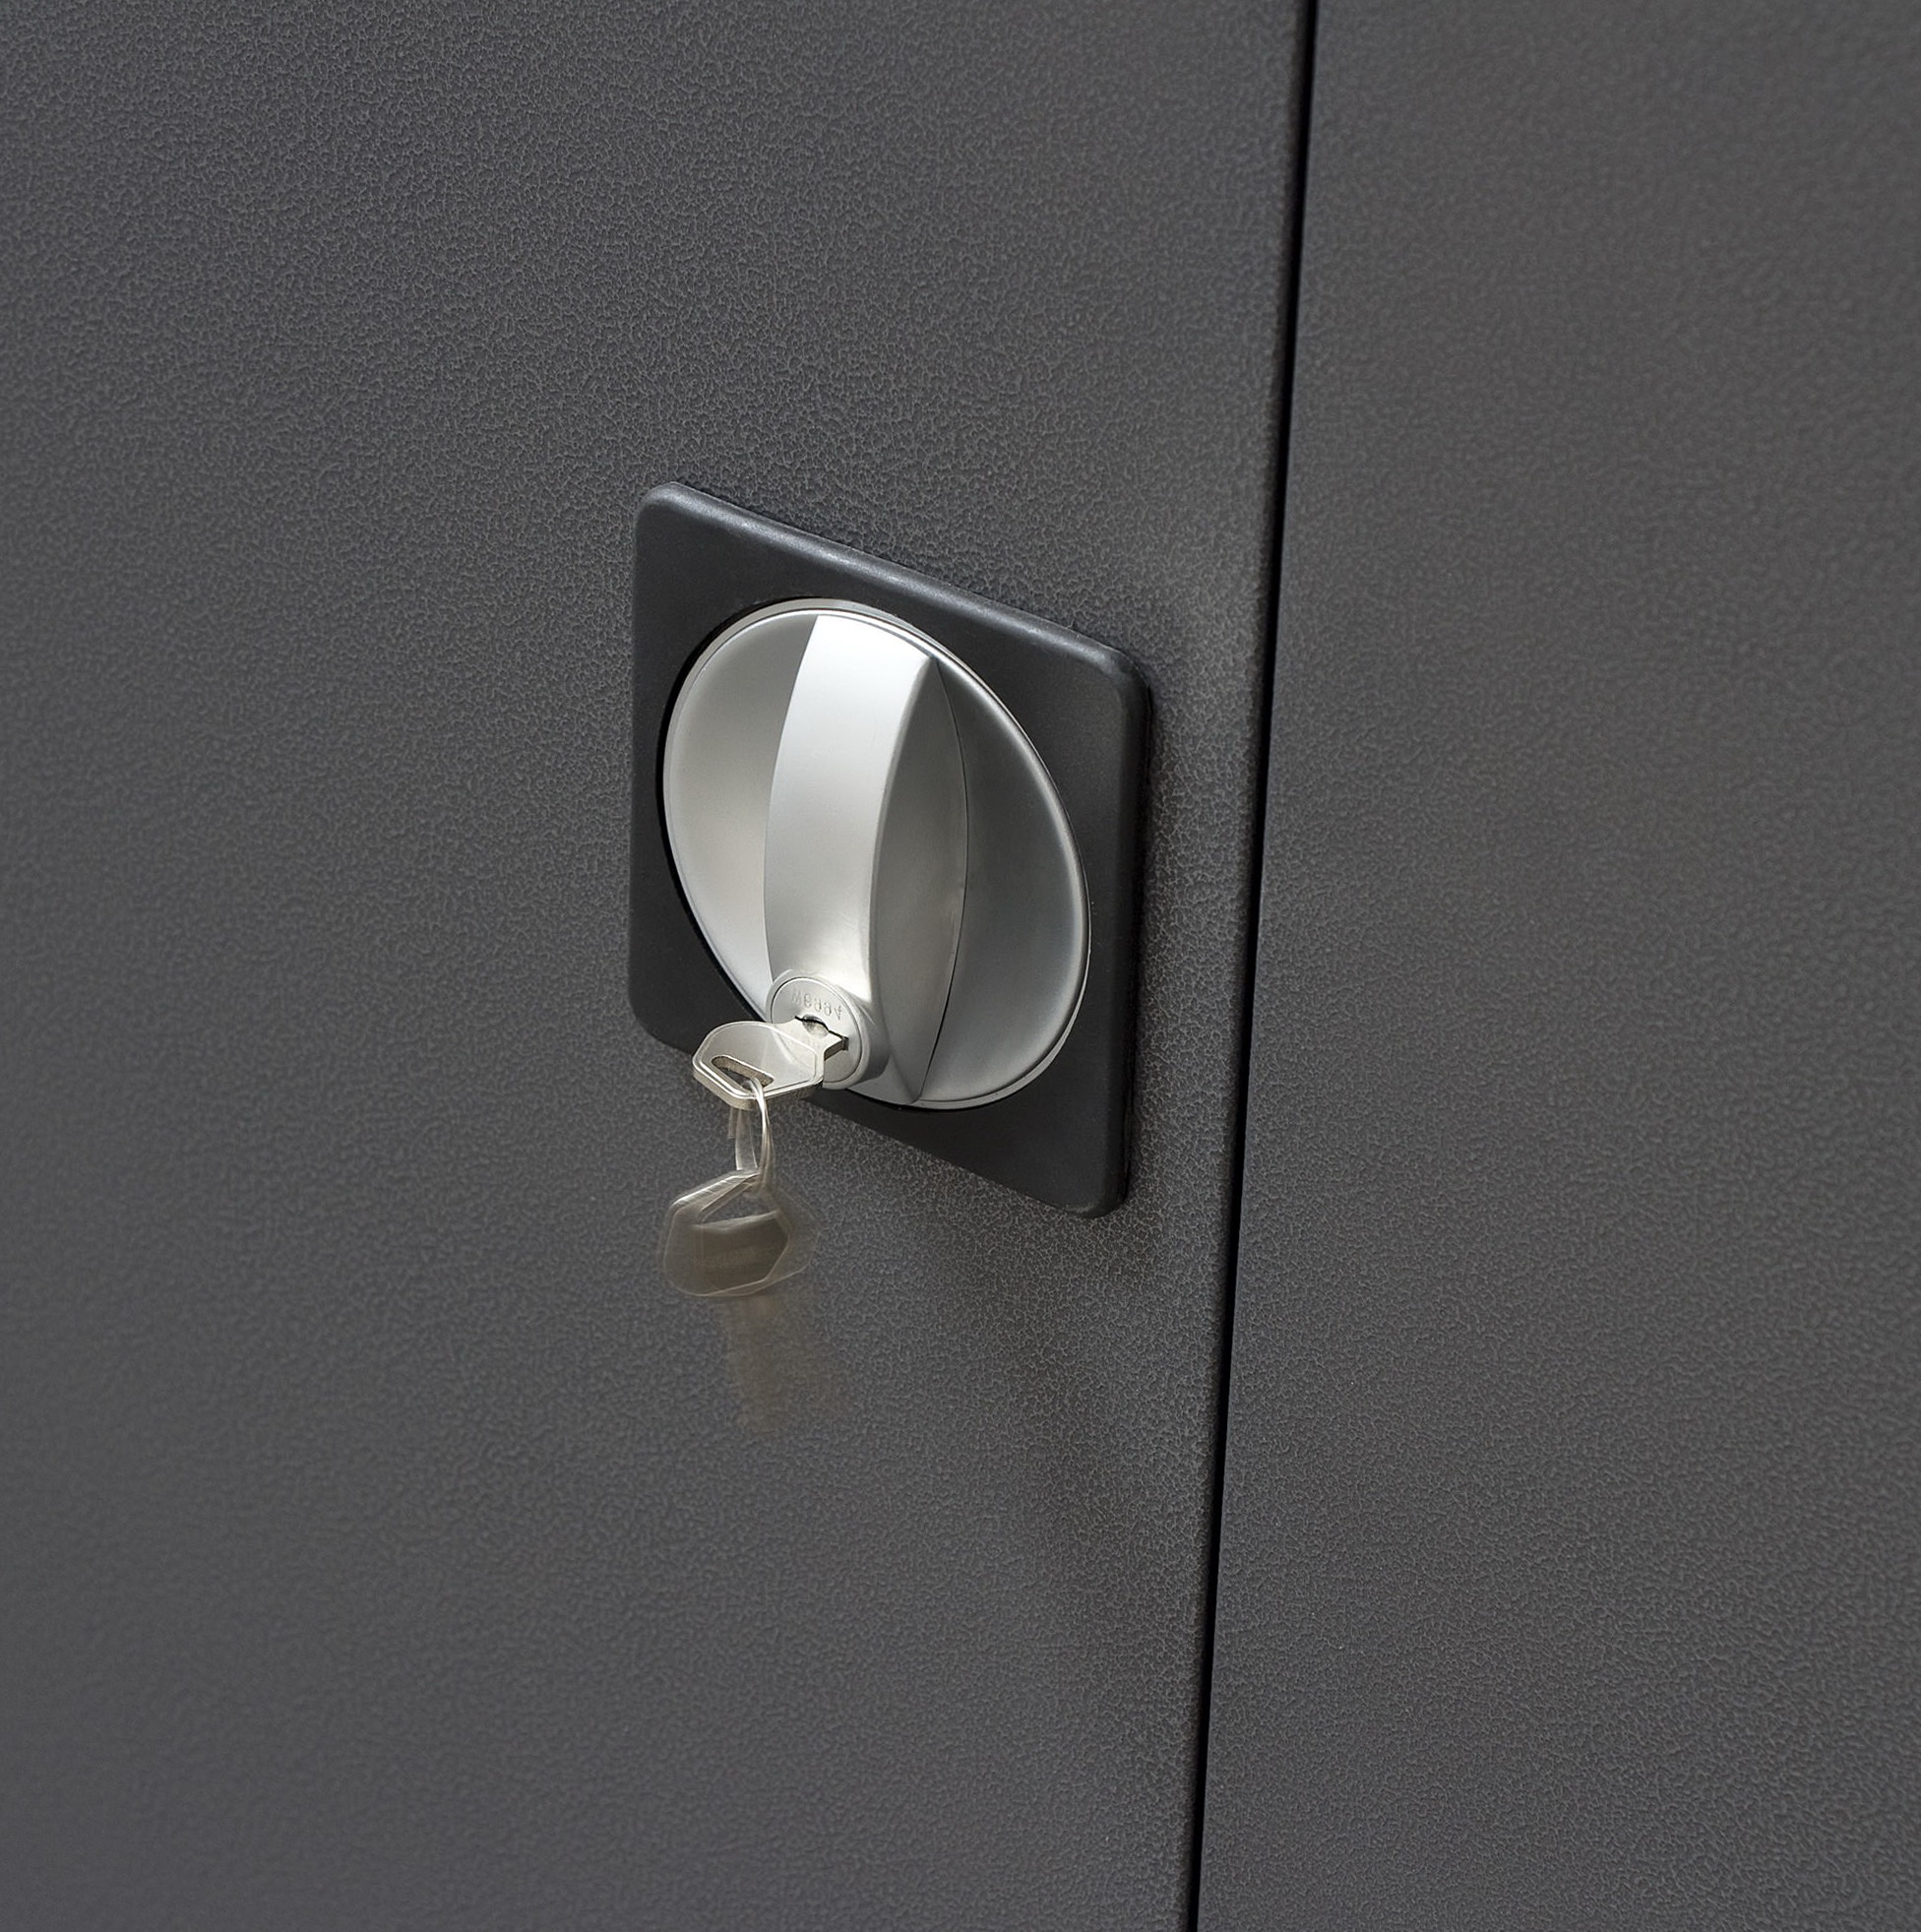 mirror closet door lock